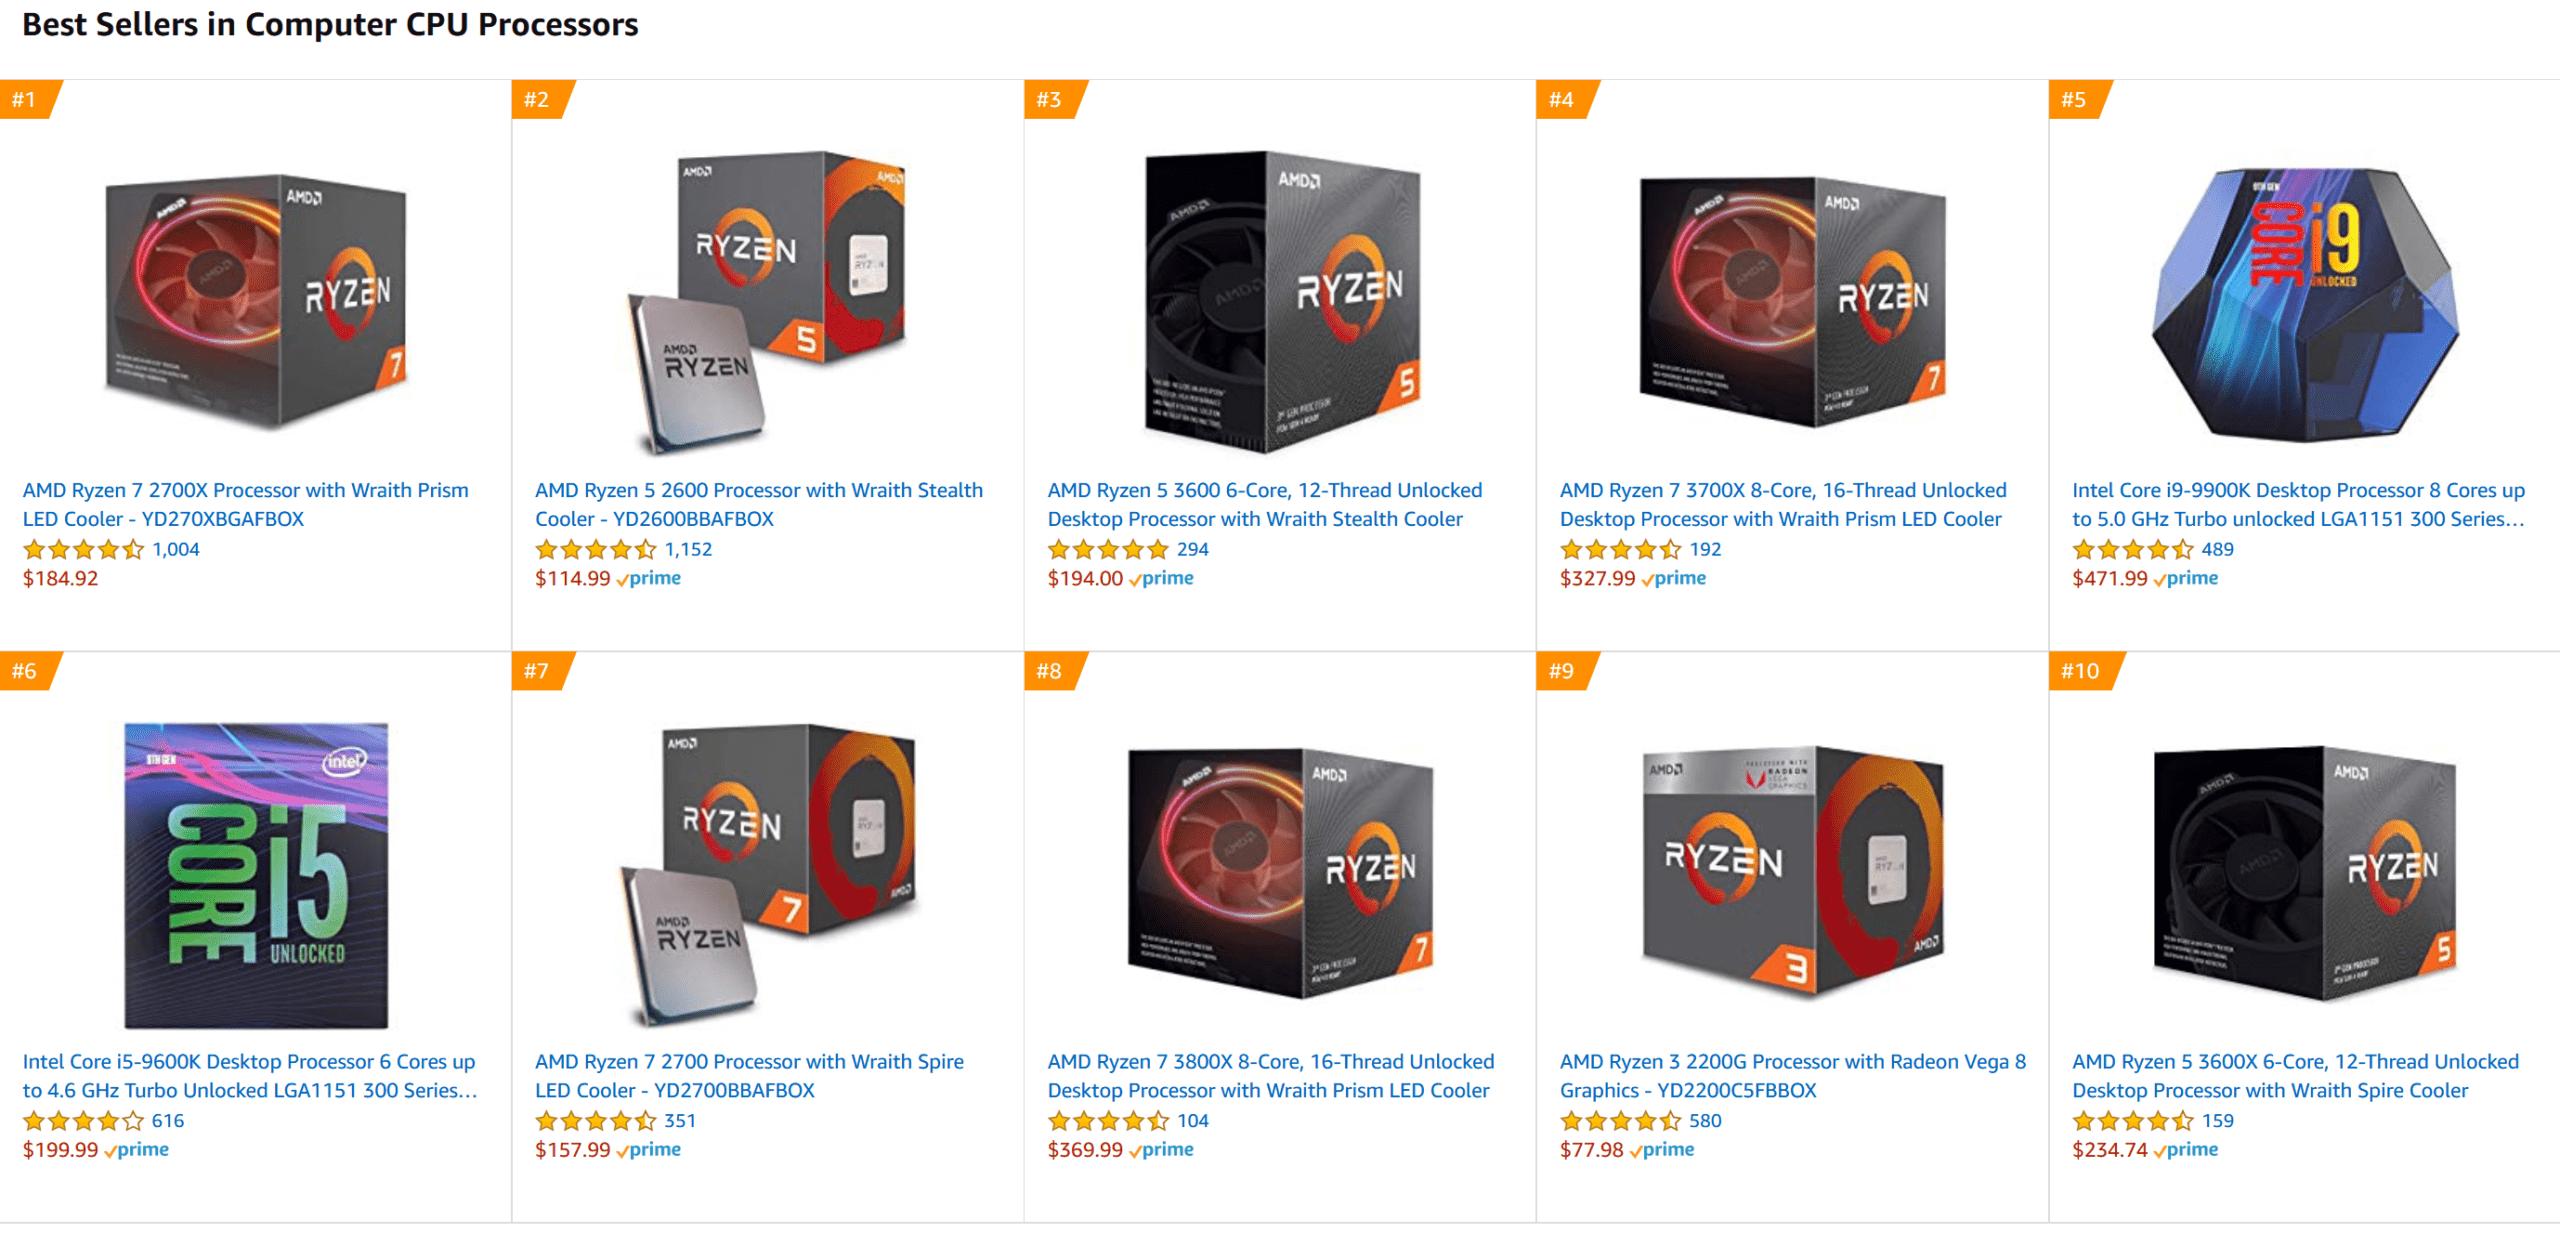 معالجات شركة AMD تسيطر على قائمة المعالجات الأكثر بيعاً على Amazon بروسيسور